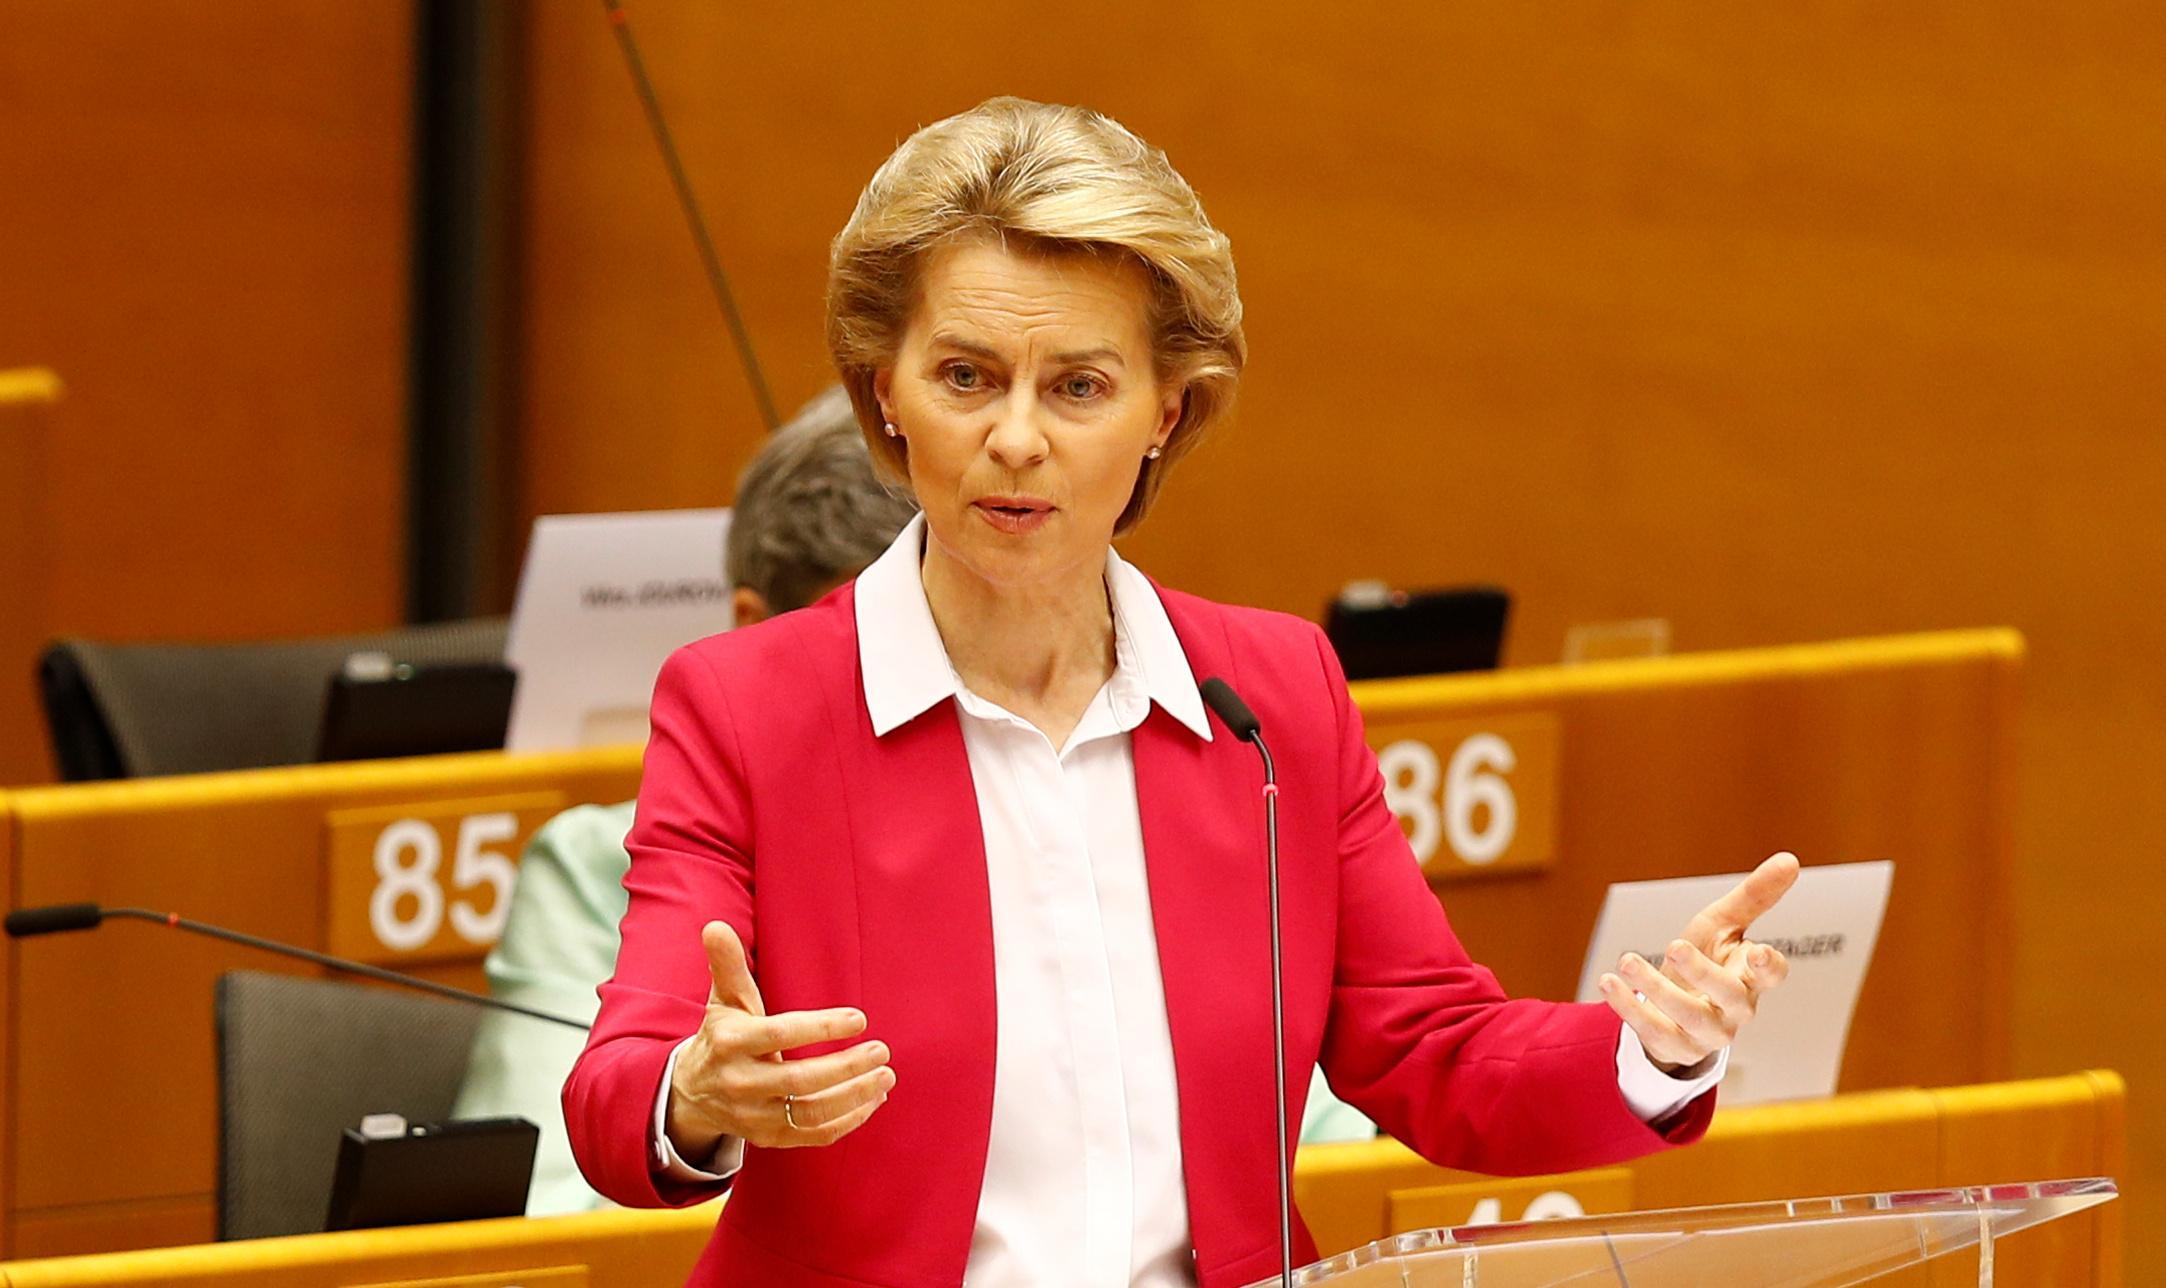 欧州連合(EU)欧州委員会のフォンデアライエン委員長=27日、ブリュッセル(ロイター=共同)